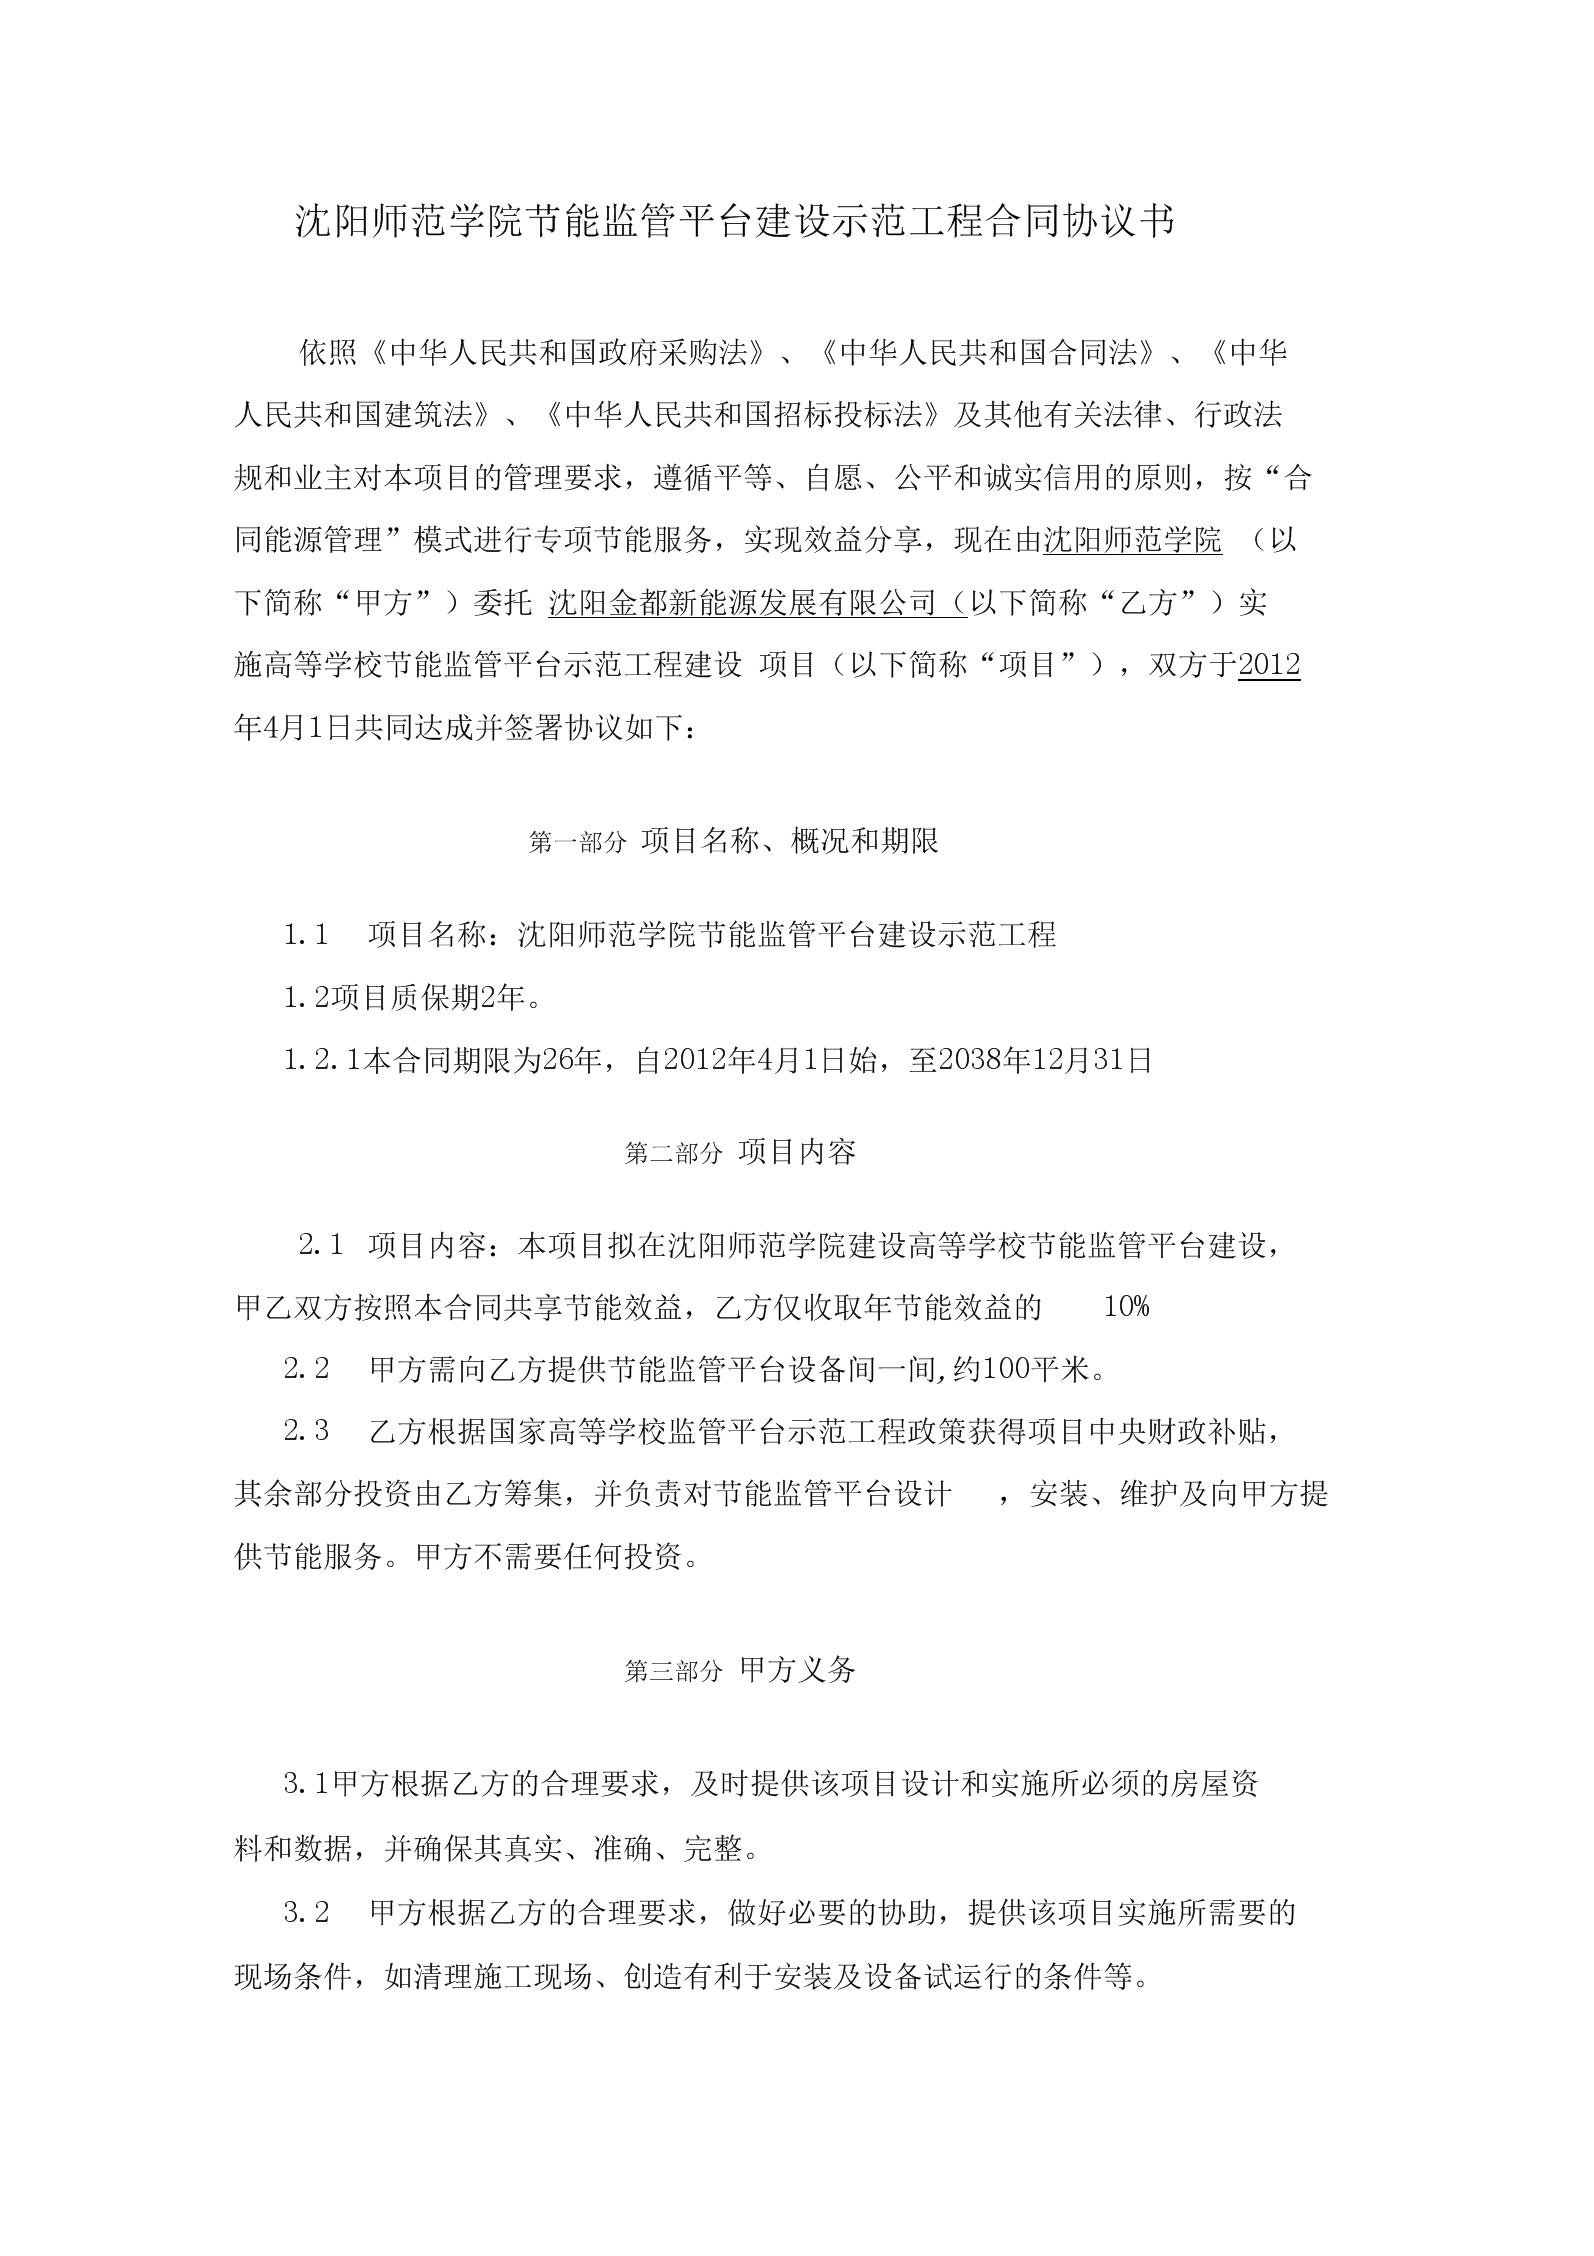 高校节能监管平台建设示范工程合同协议书(1).docx